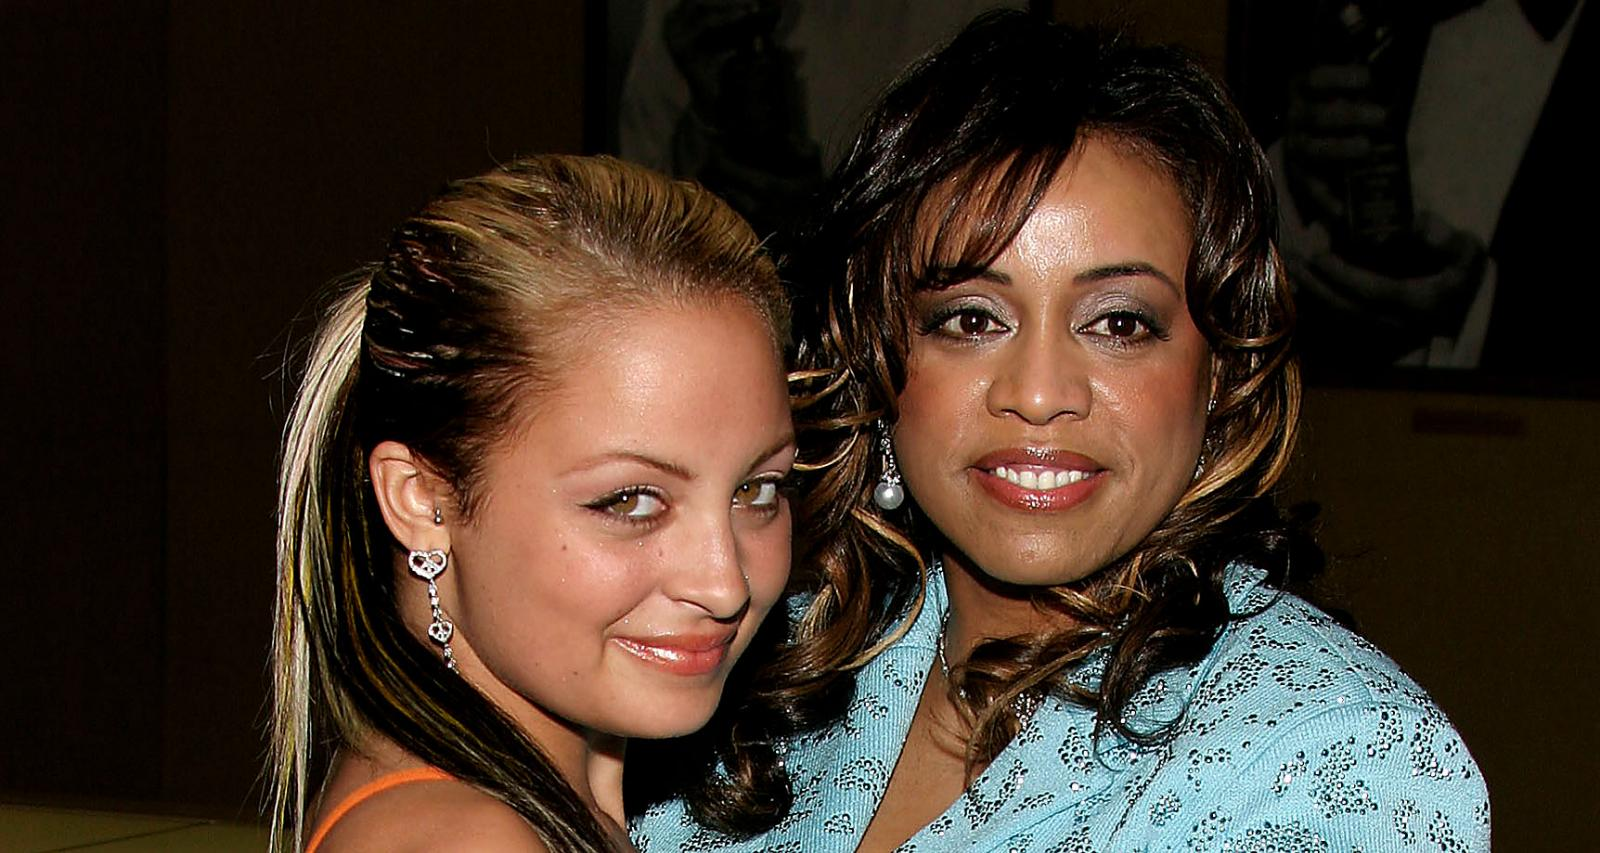 Brenda Harvey Richie's wiki